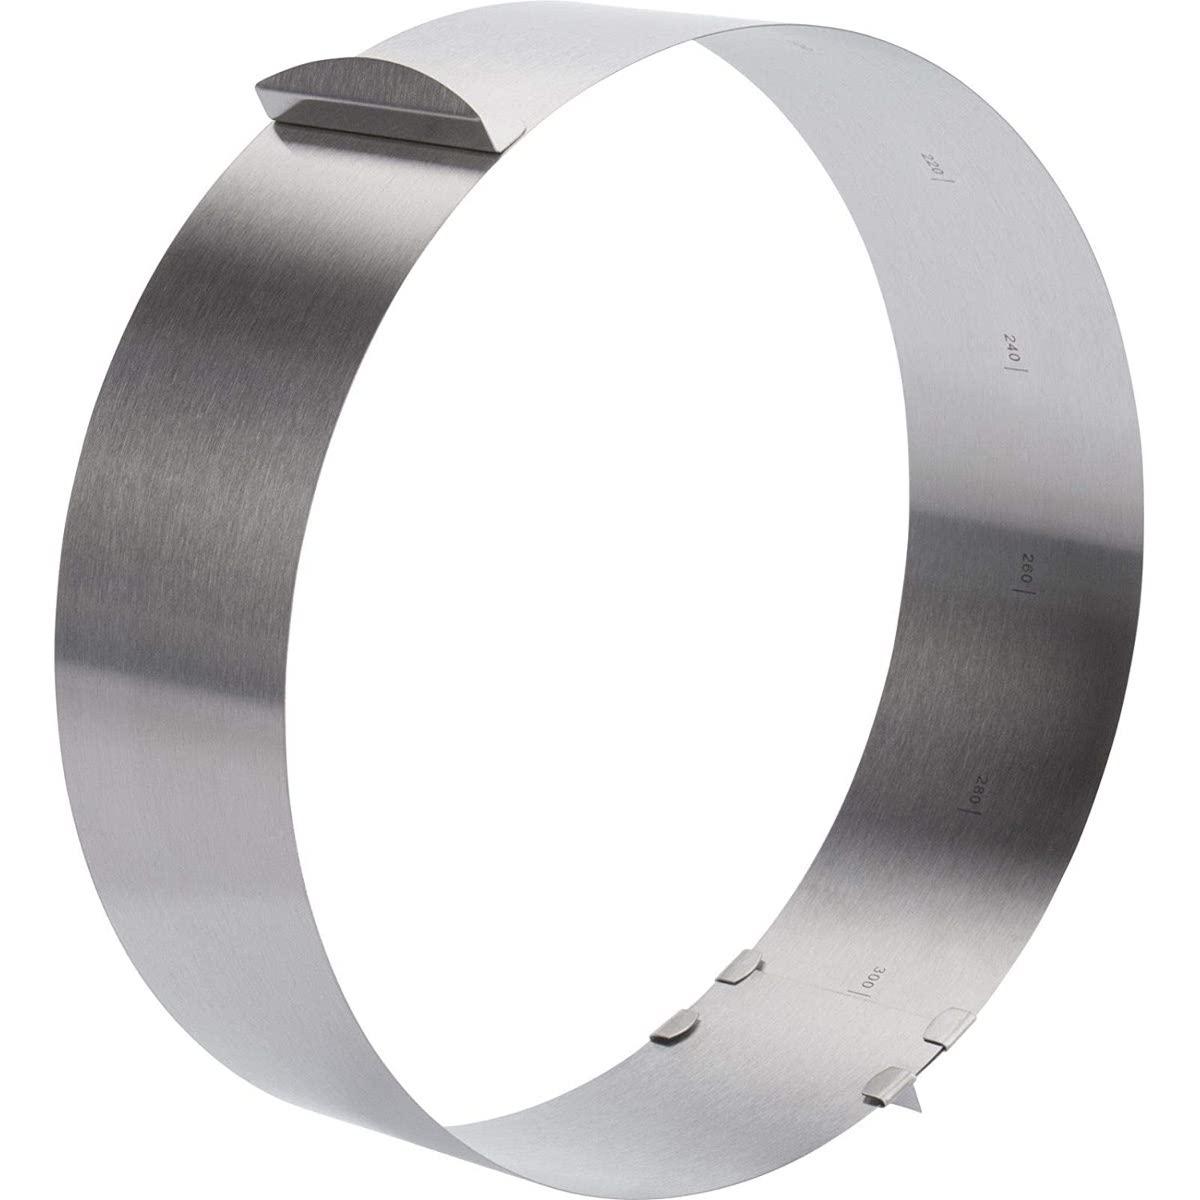 Στεφάνι ανοξείδωτο ρυθμιζόμενο 16-30 cm Νο 3131